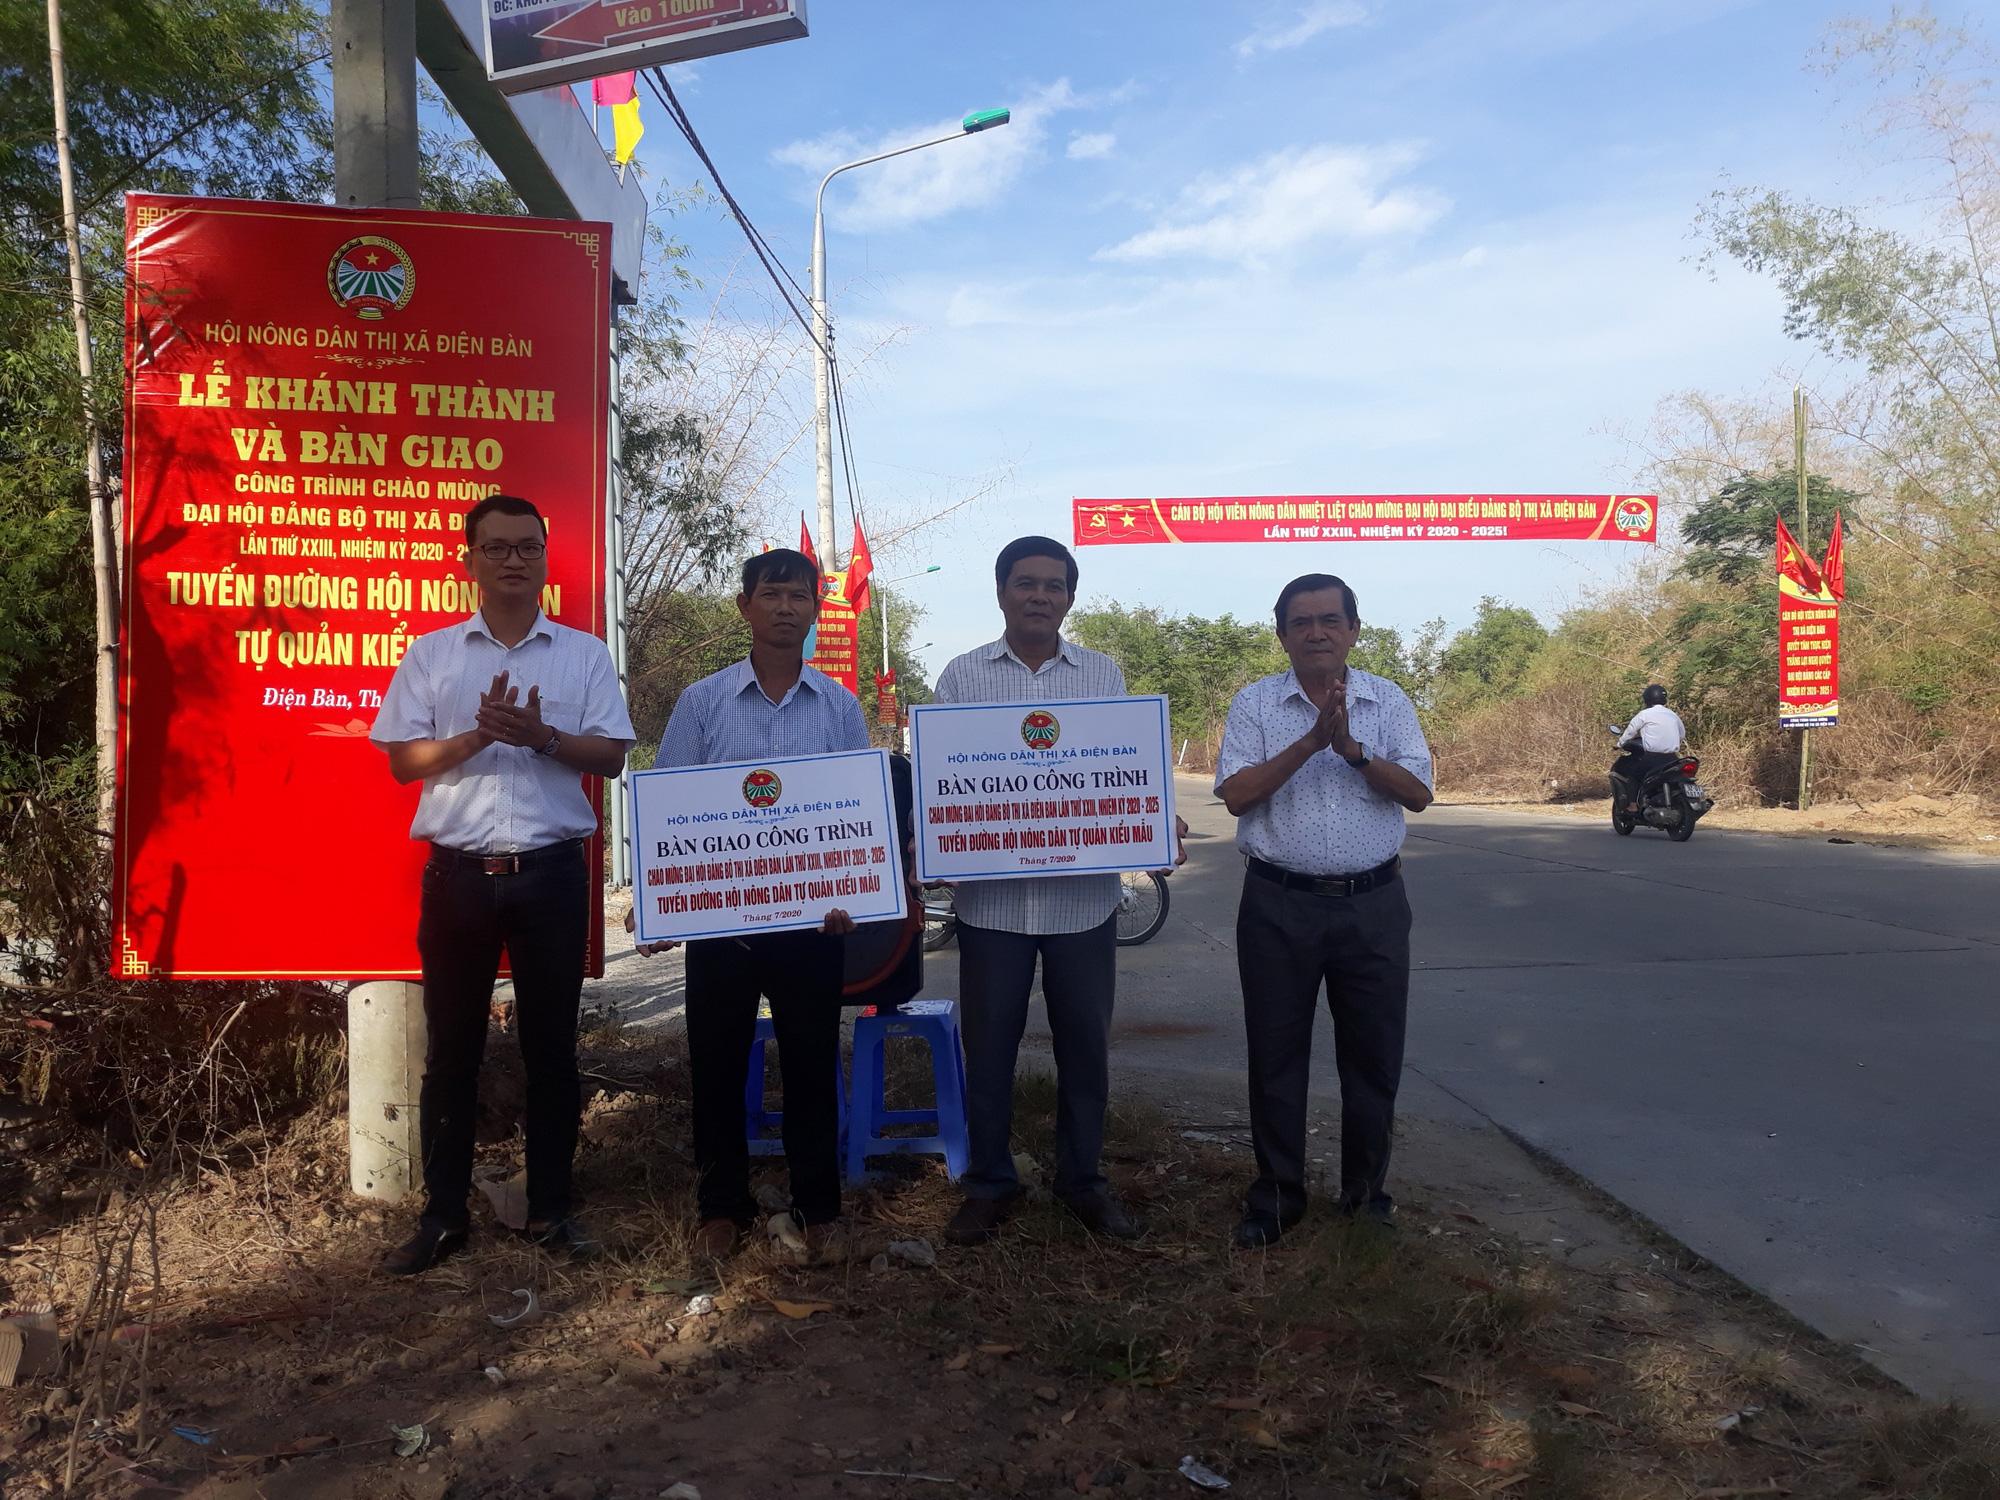 Quảng Nam: Hội Nông dân Điện Bàn – Điểm tựa cho bà con nông dân - Ảnh 5.